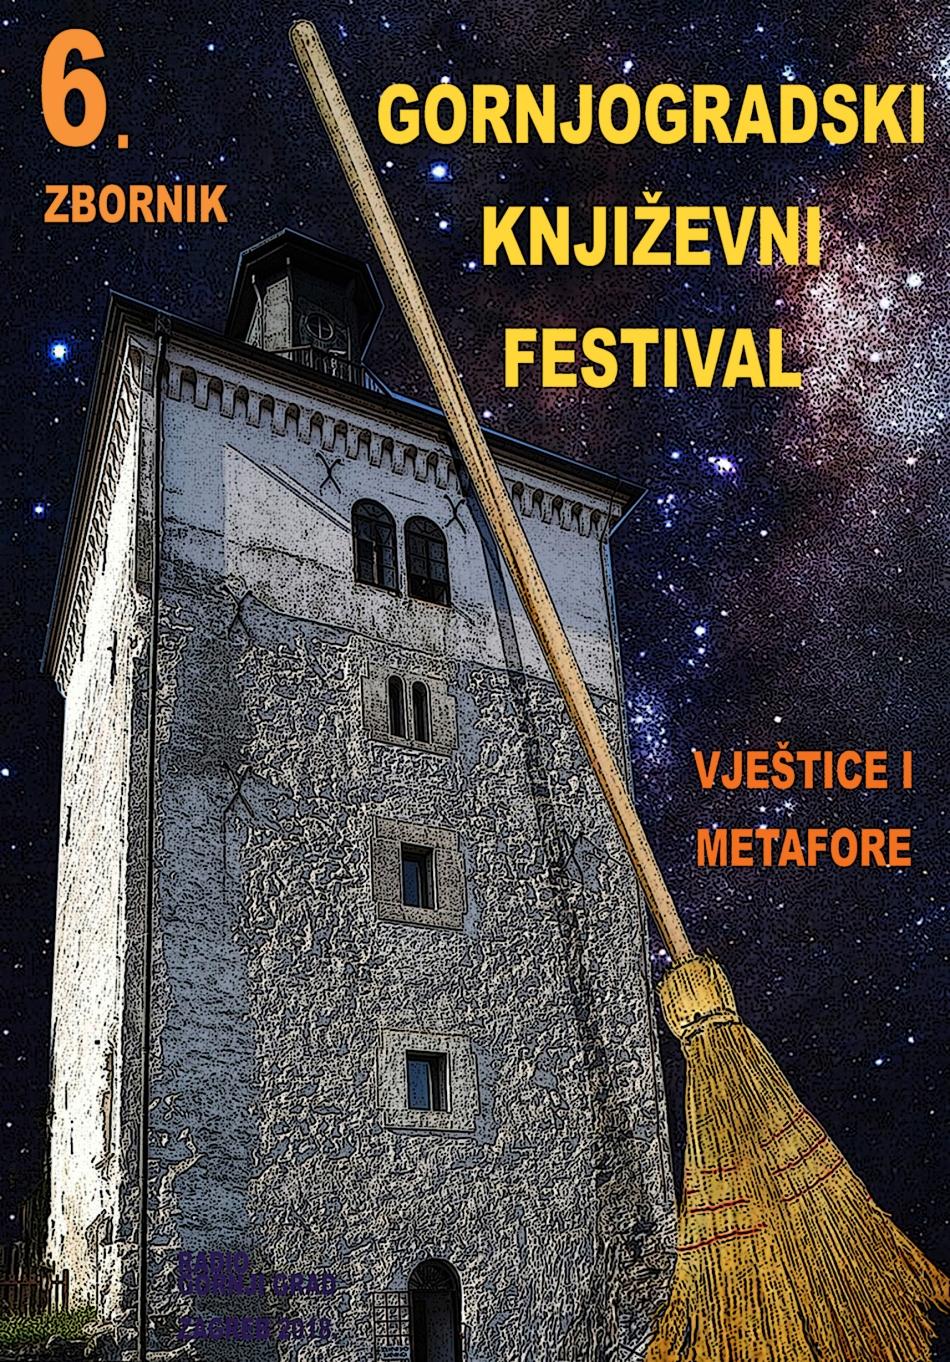 Zbornik 6. Gornjogradskog književnog festivala: Vještice imetafore